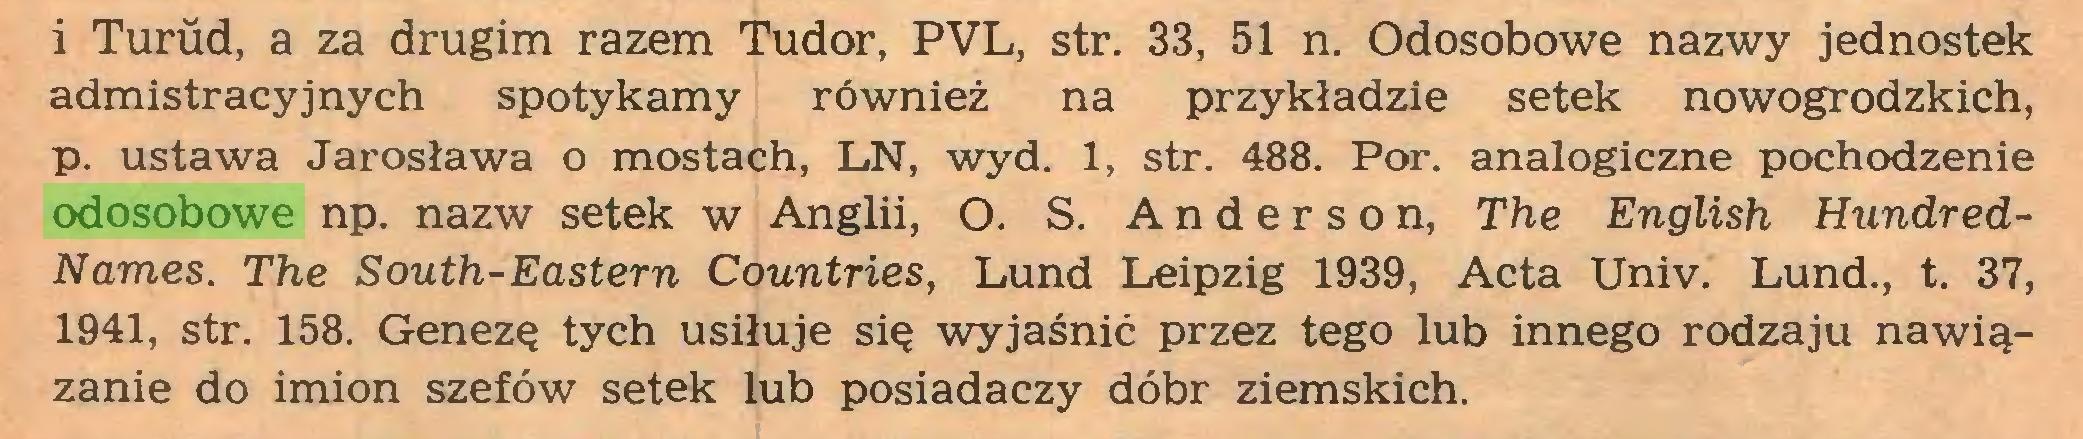 (...) i Turud, a za drugim razem Tudor, PVL, str. 33, 51 n. Odosobowe nazwy jednostek admistracyjnych spotykamy również na przykładzie setek nowogrodzkich, p. ustawa Jarosława o mostach, LN, wyd. 1, str. 488. Por. analogiczne pochodzenie odosobowe np. nazw setek w Anglii, O. S. Anderson, The English HundredNames. The South-Eastern Countries, Lund Leipzig 1939, Acta Univ. Lund., t. 37, 1941, str. 158. Genezę tych usiłuje się wyjaśnić przez tego lub innego rodzaju nawiązanie do imion szefów setek lub posiadaczy dóbr ziemskich...